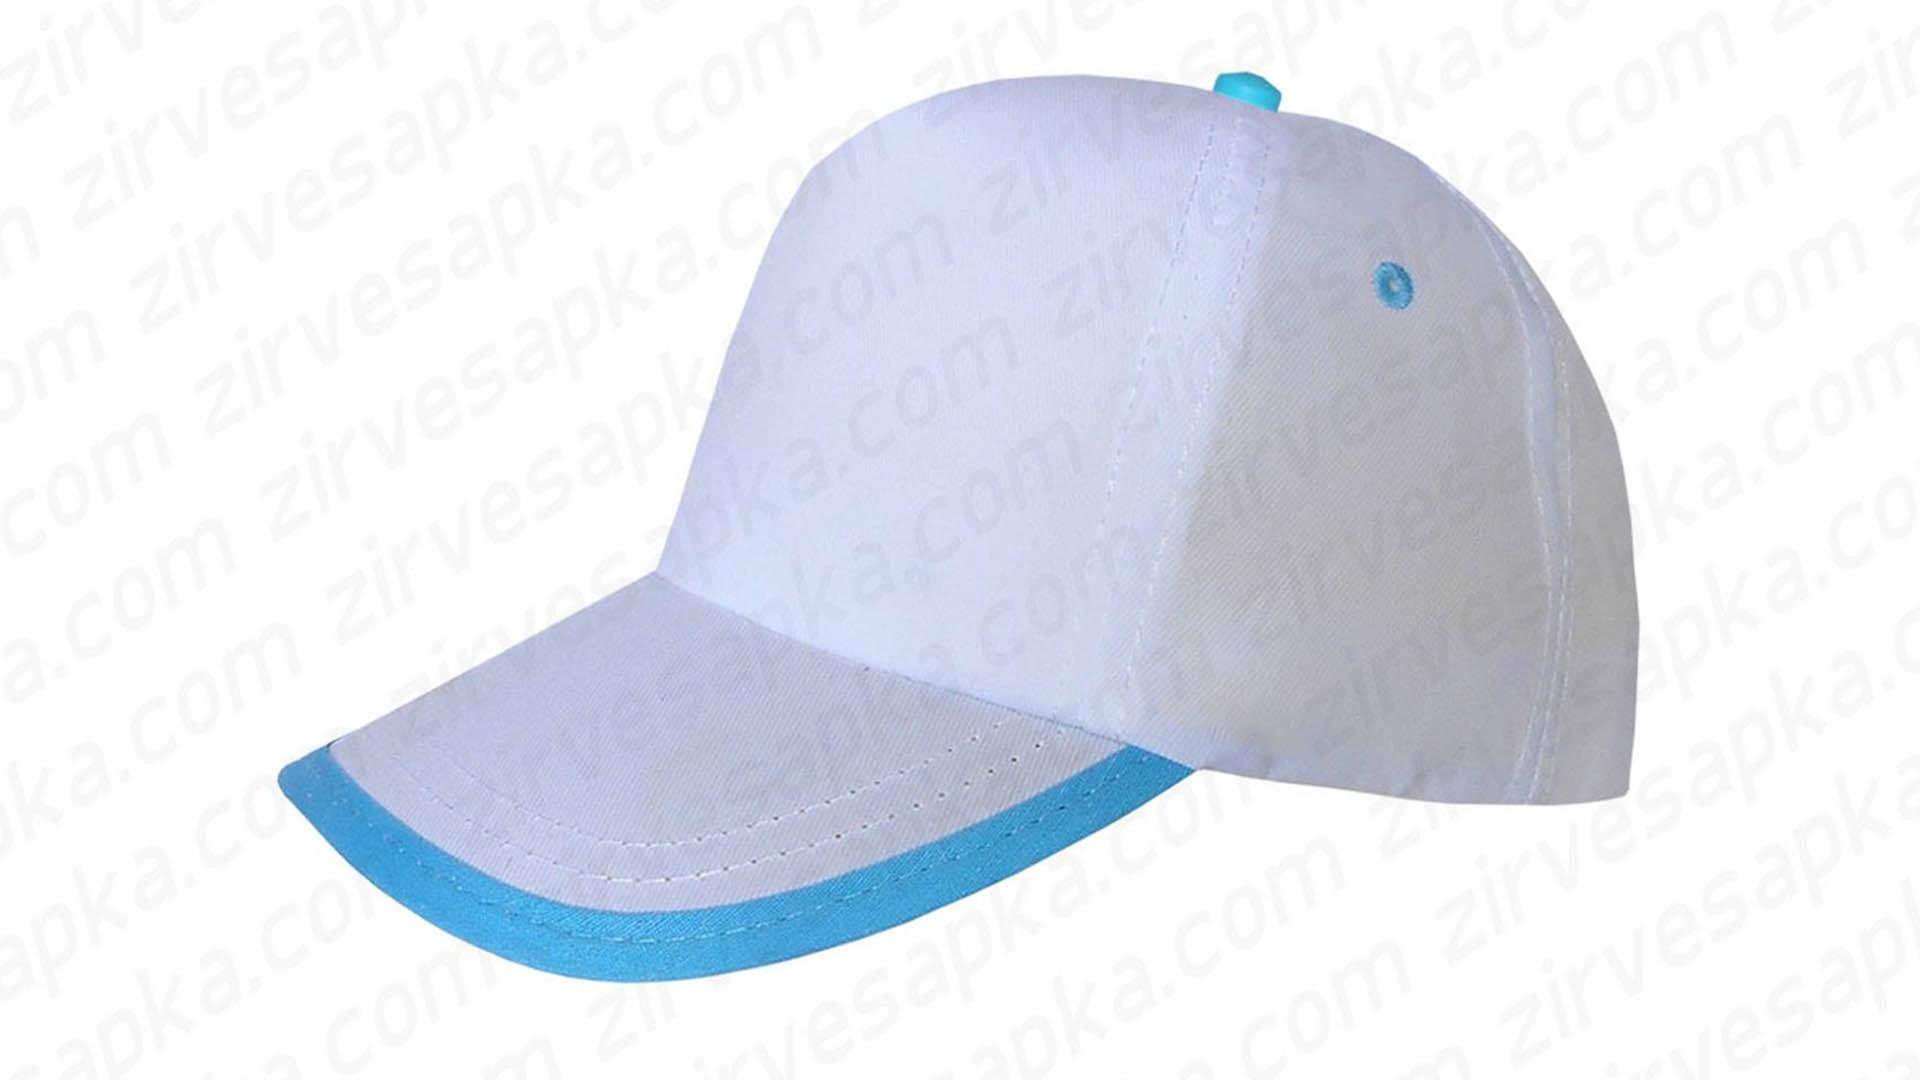 Siperi Biyeli Bereket Şapka - Beyaz Turkuaz